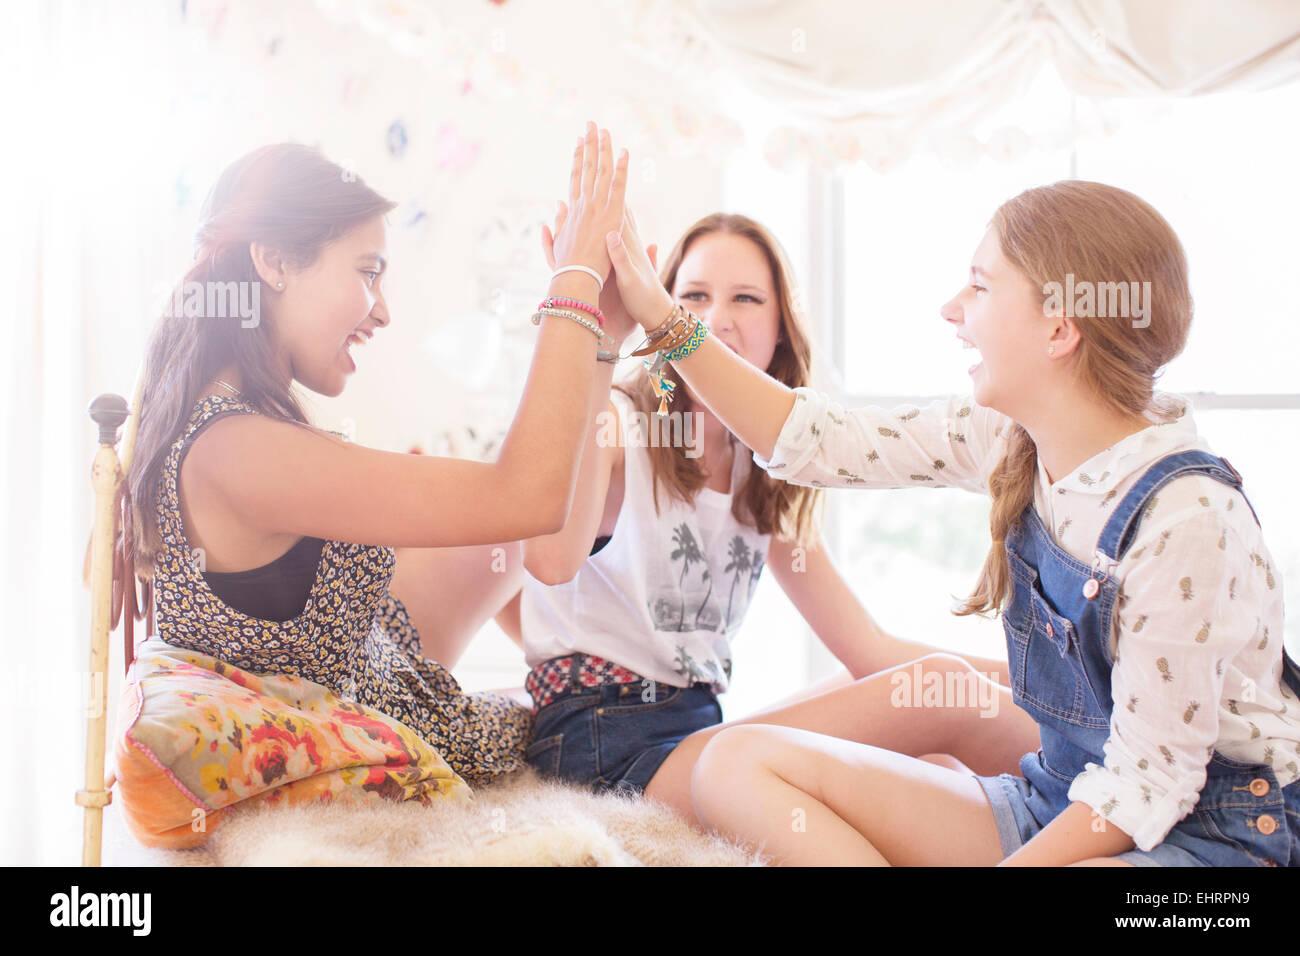 Tre ragazze adolescenti facendo alta cinque sul letto Immagini Stock